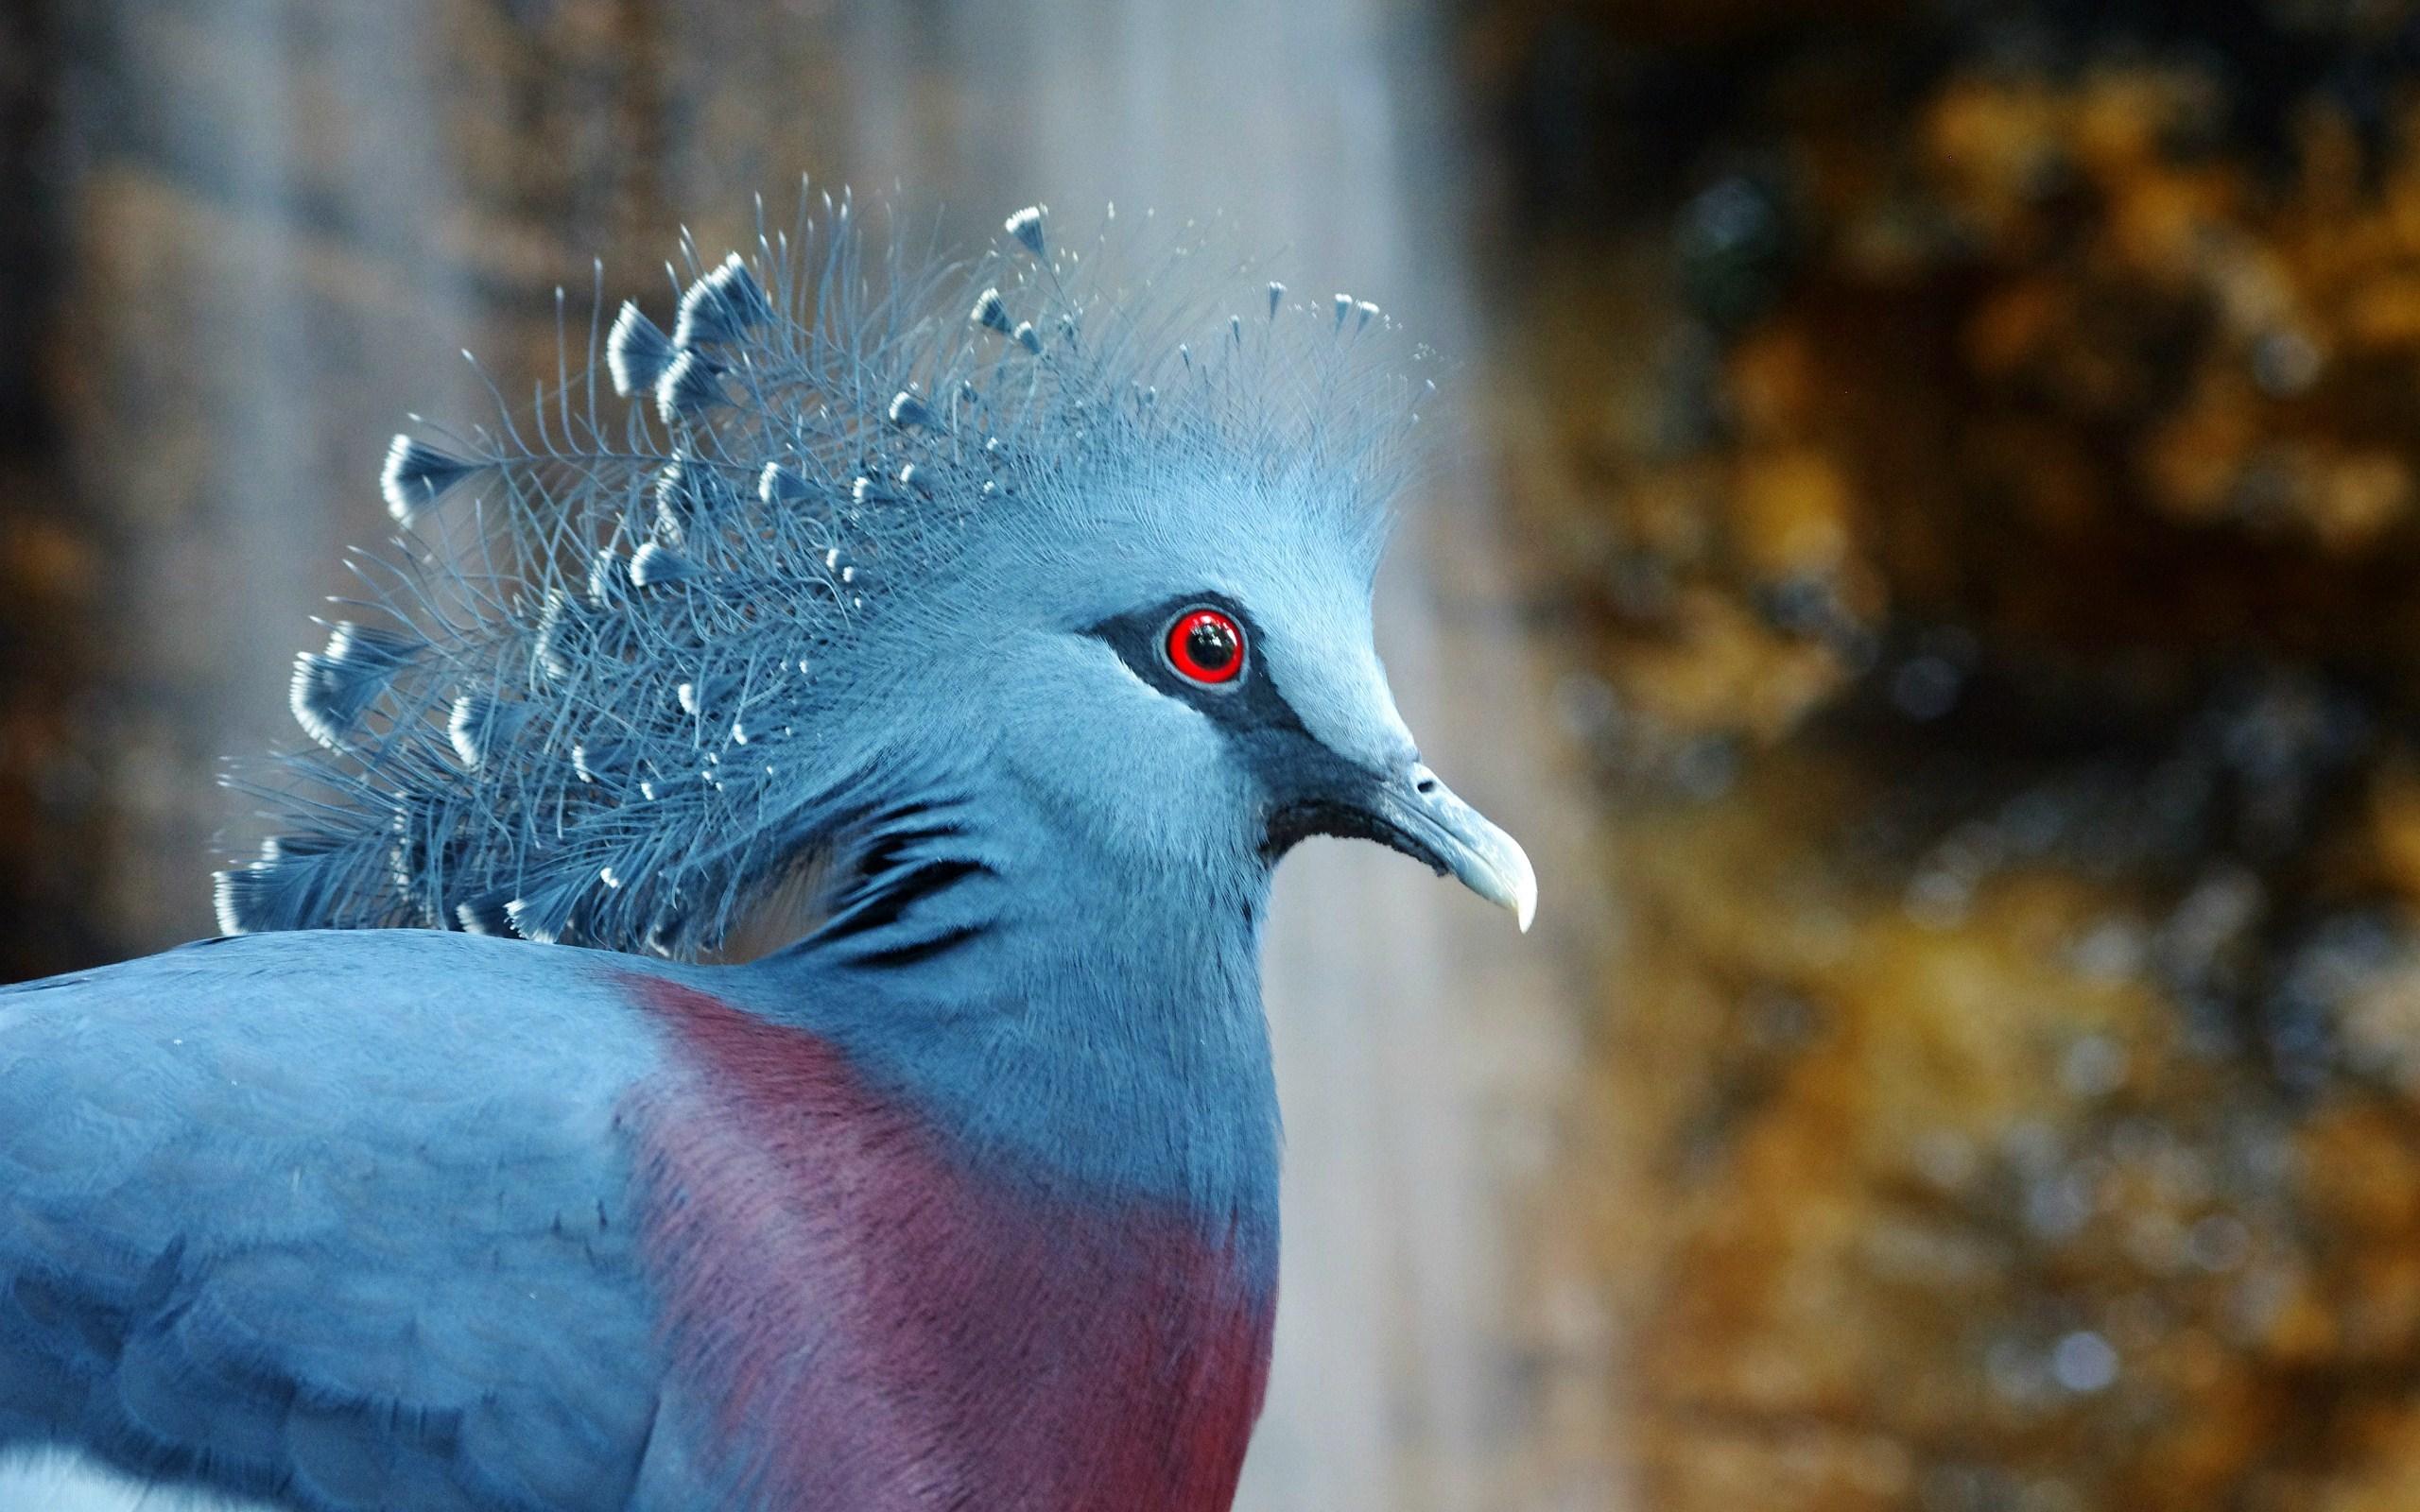 птица, венценосный, голубь